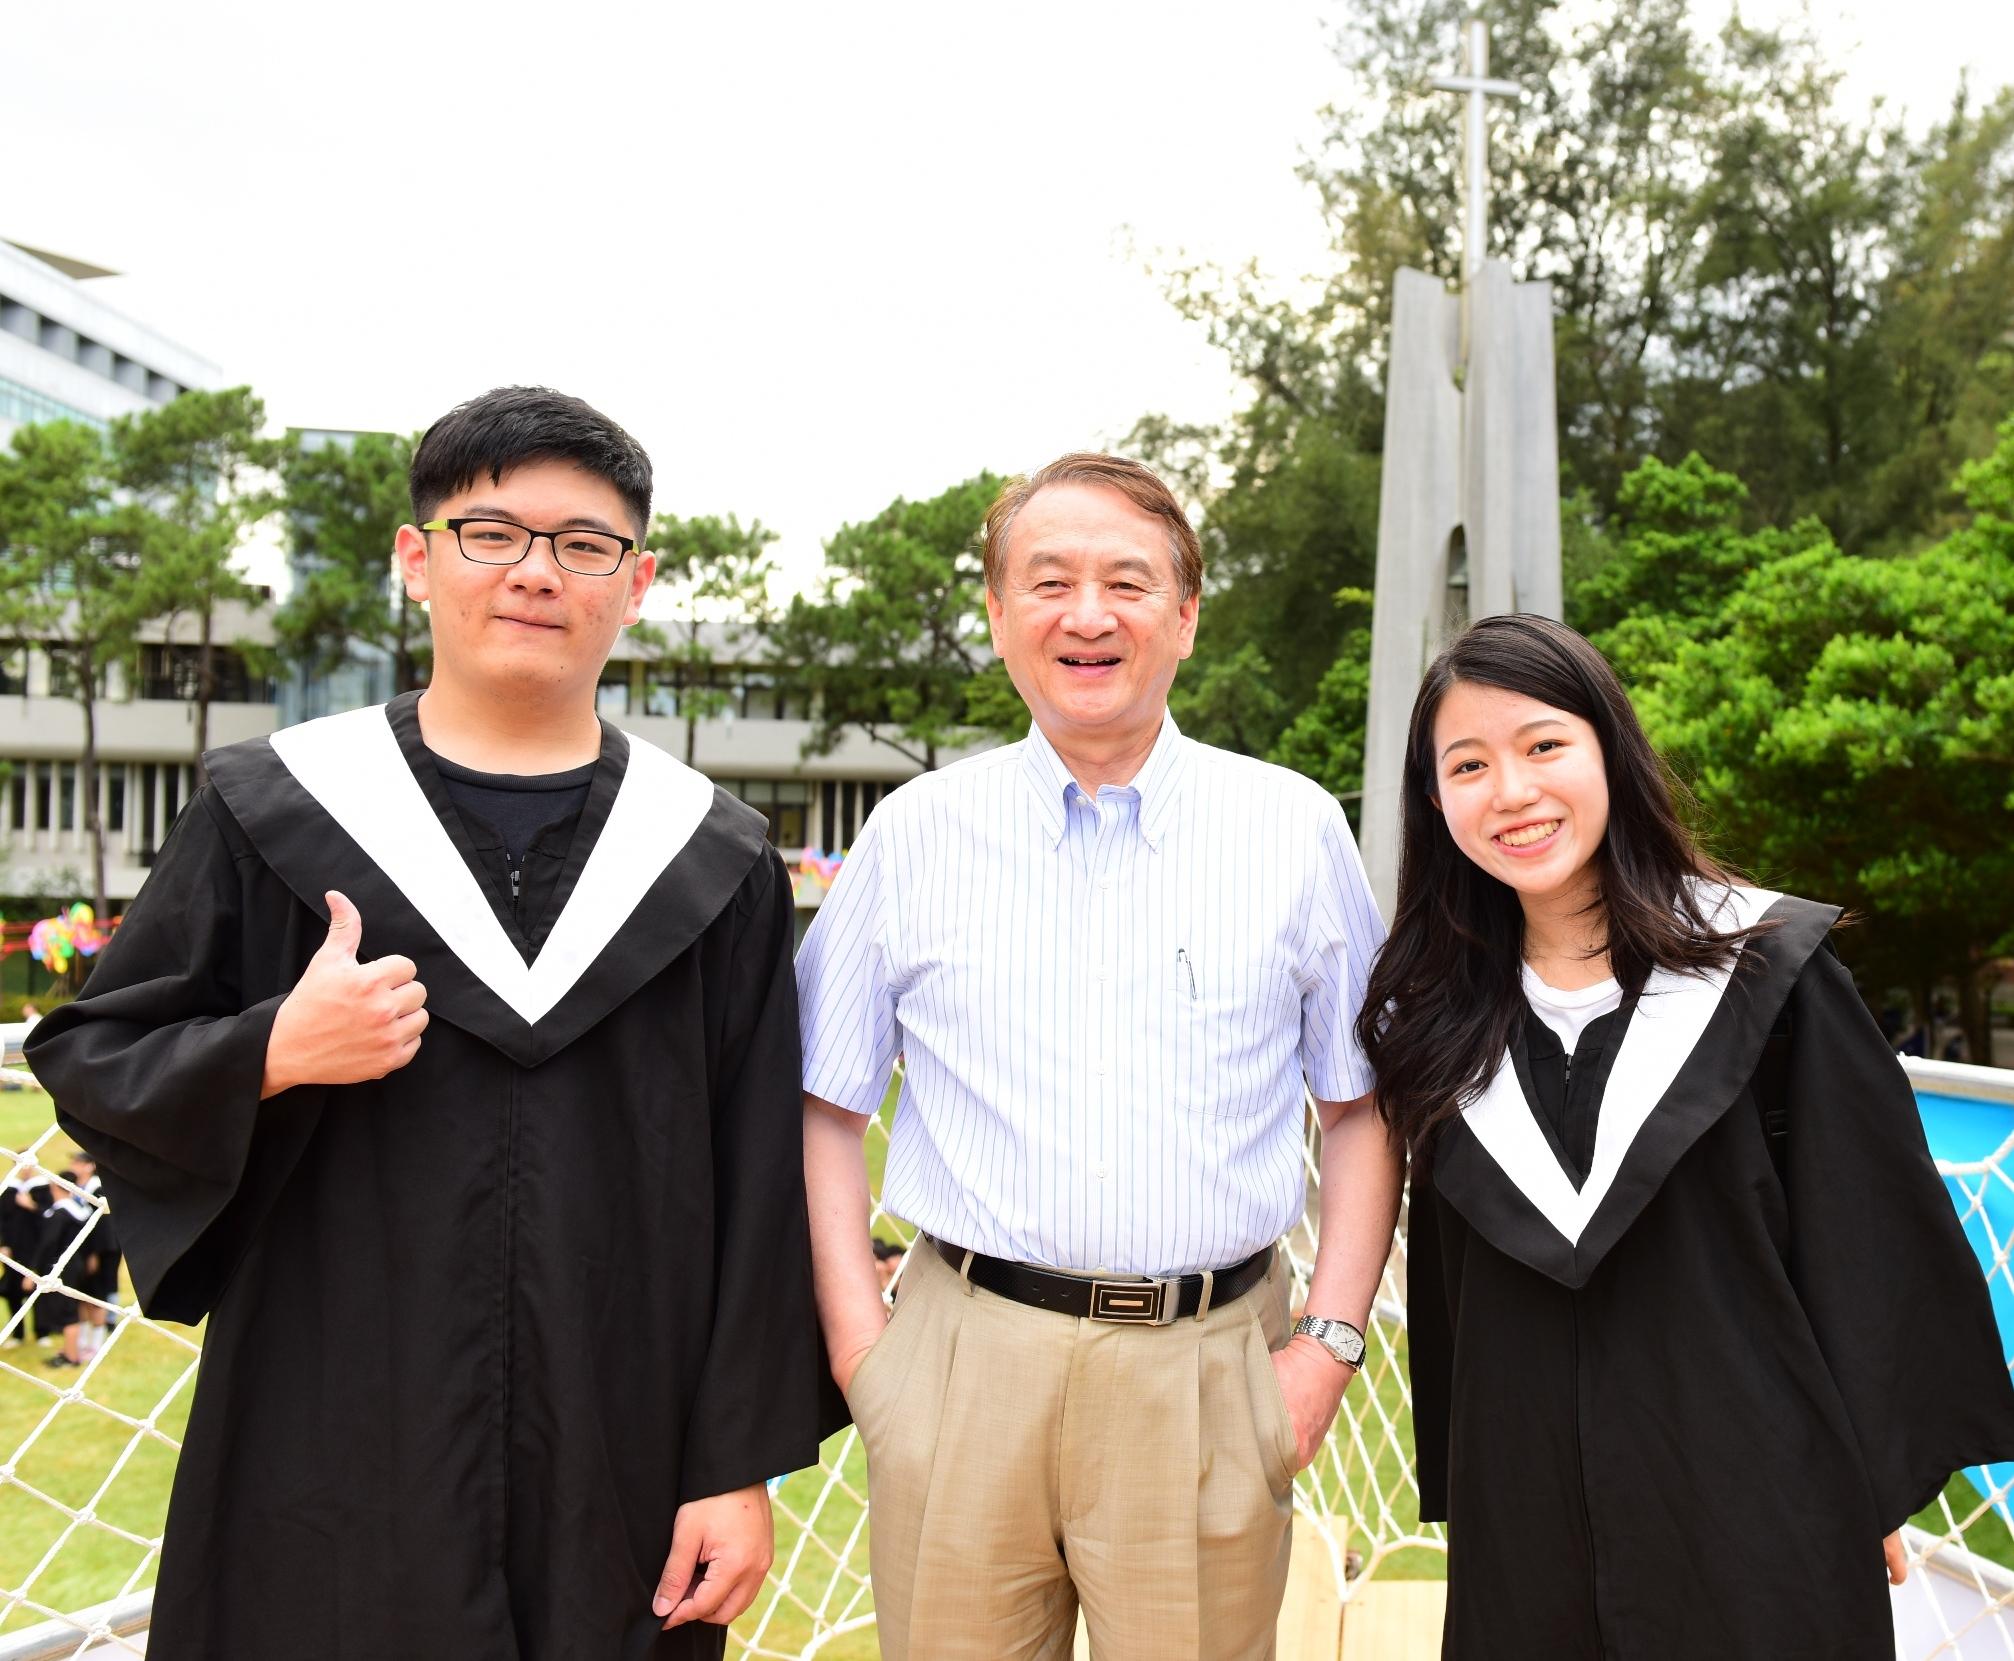 專業+品格 中原大學連續三年勇奪「企業最愛大學」第一名!